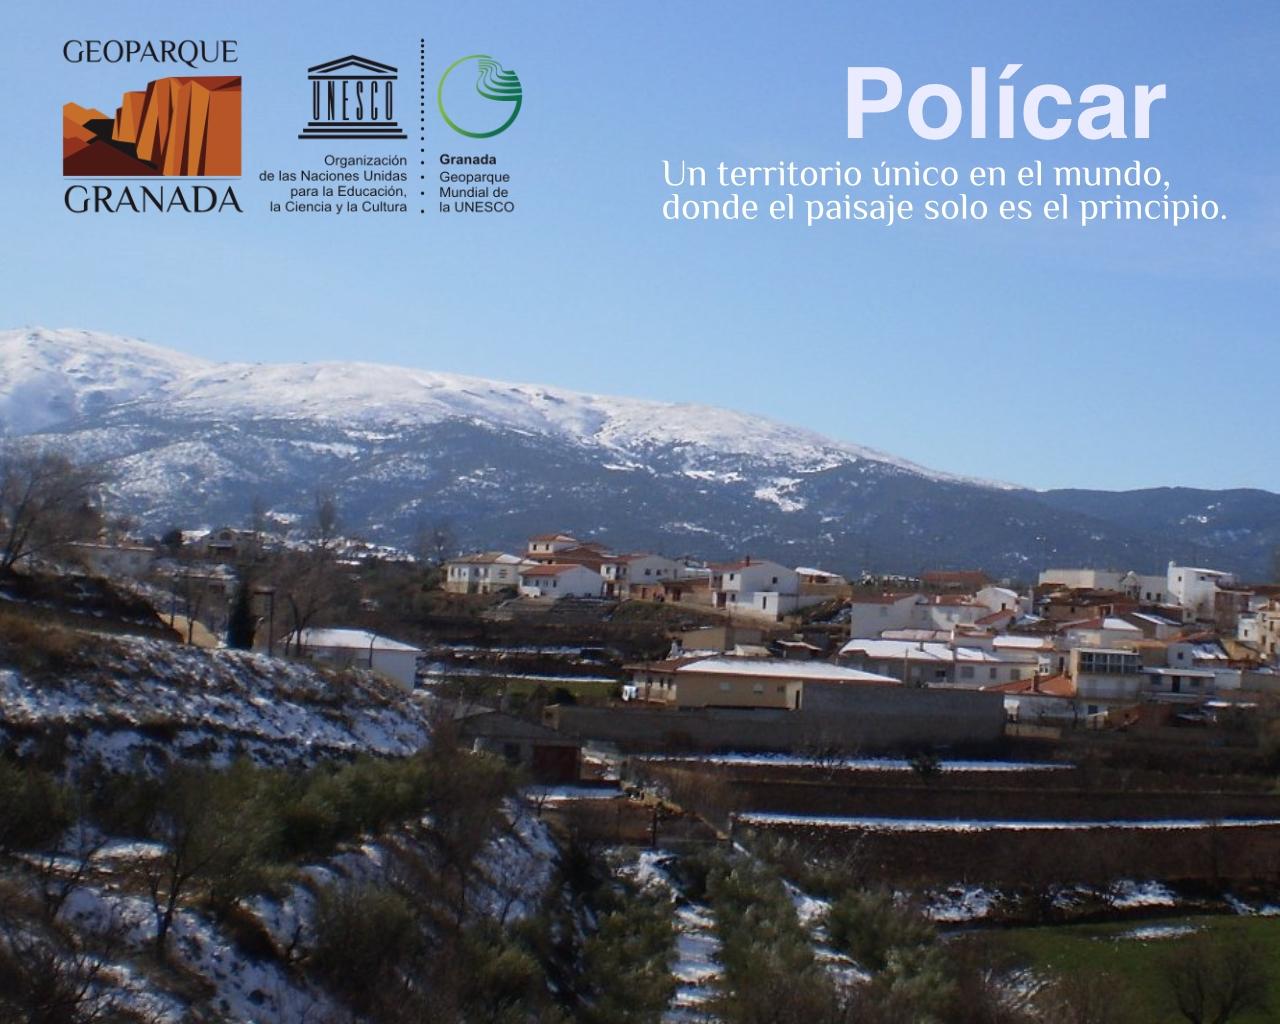 EXPO ITINERANTE POLICAR - Exposición sobre el Geoparque, en POLÍCAR del 23 de febrero al 8 de marzo. - Geoparque de Granada